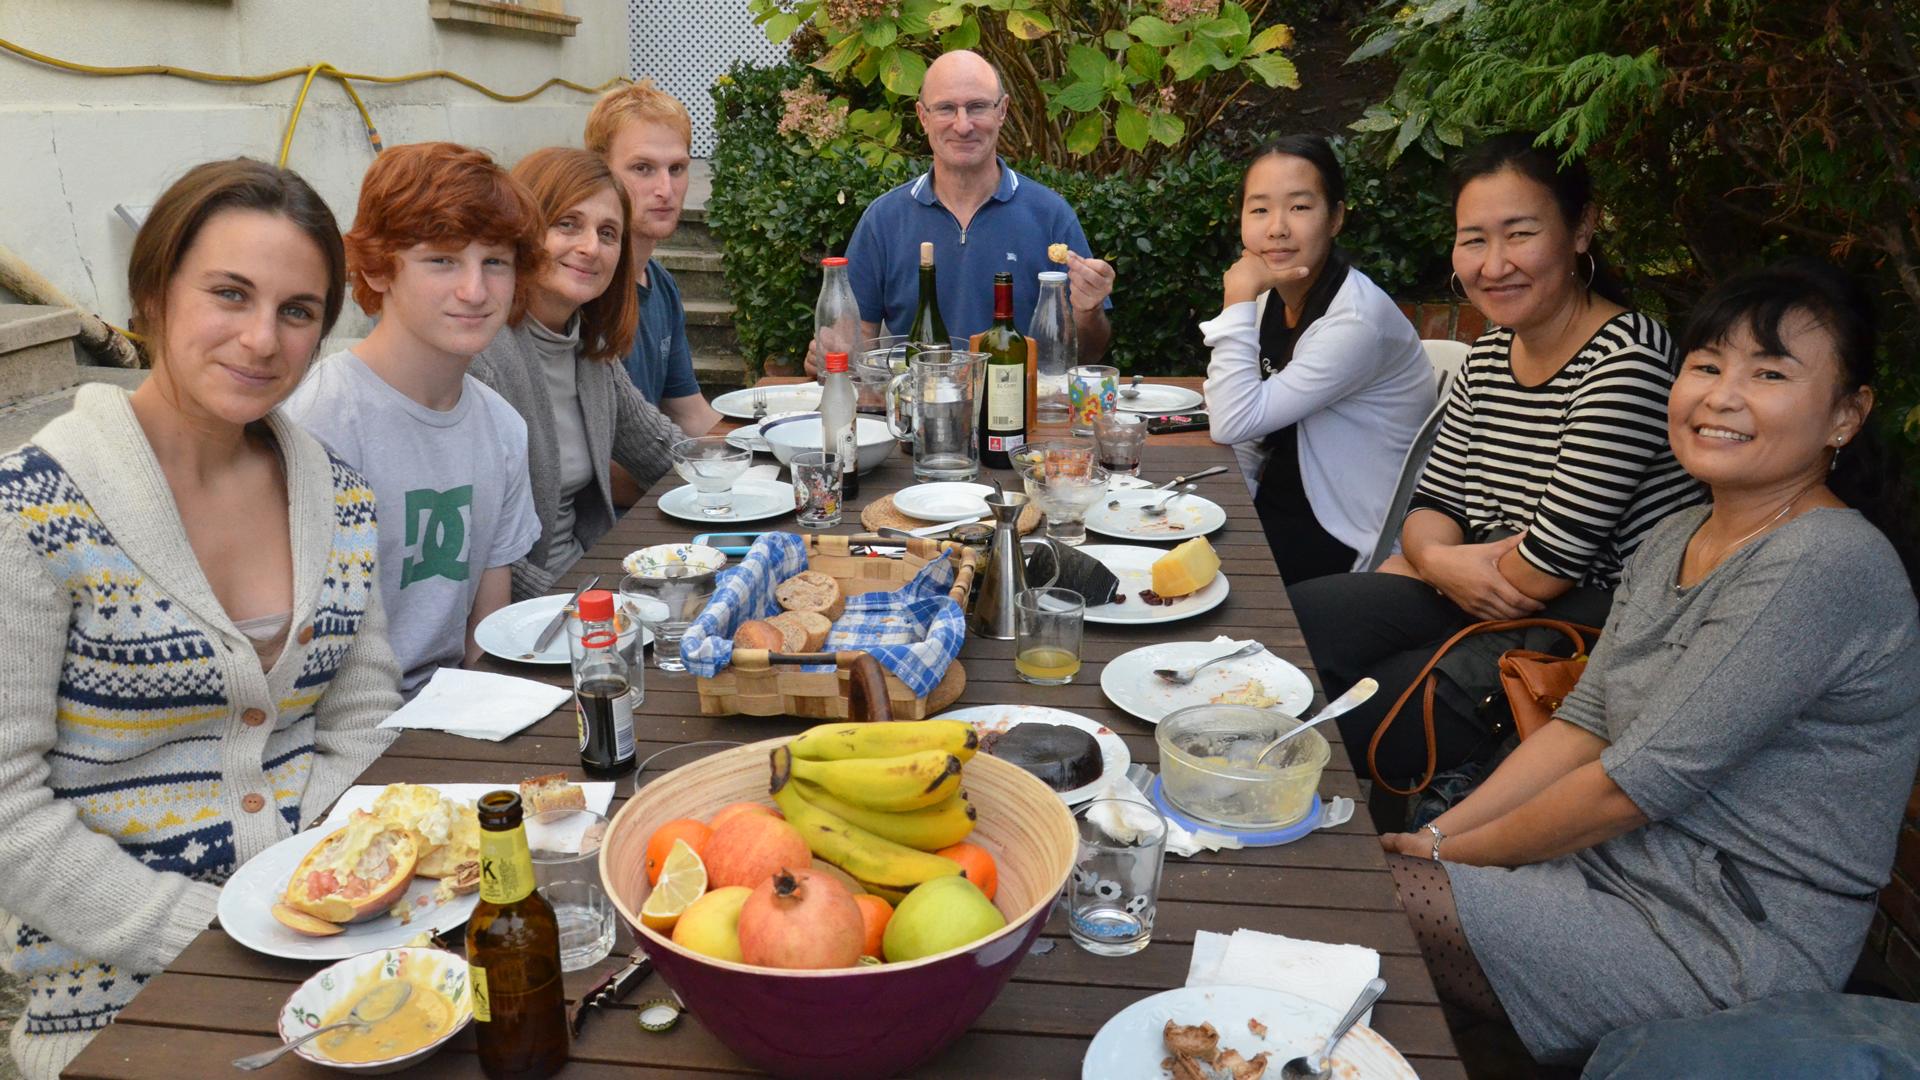 El racismo se cura compartiendo un buen plato de comida – Yorokobu